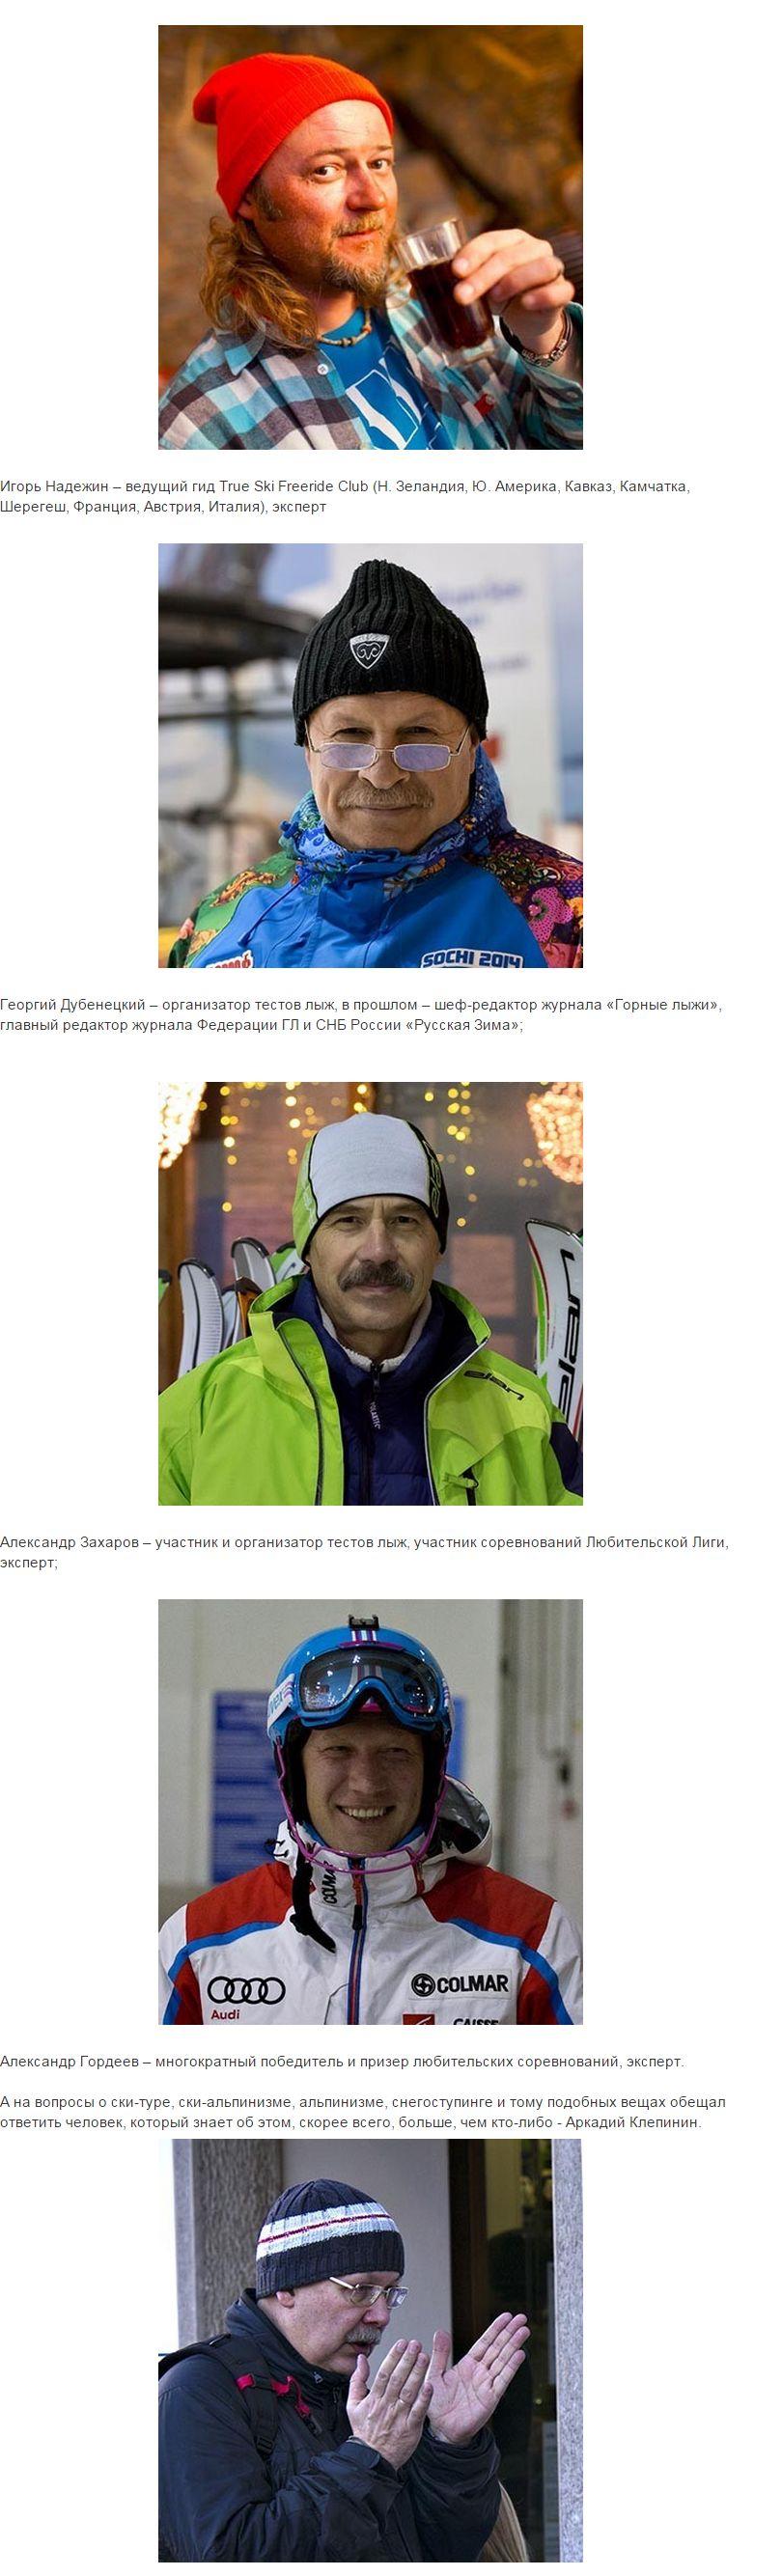 XI Международный Лыжный Салон, Зона SKI.RU, ПЛОЩАДКА и МАСТЕРСКАЯ БЕЗОПАСНОГО ЭКСТРИМА